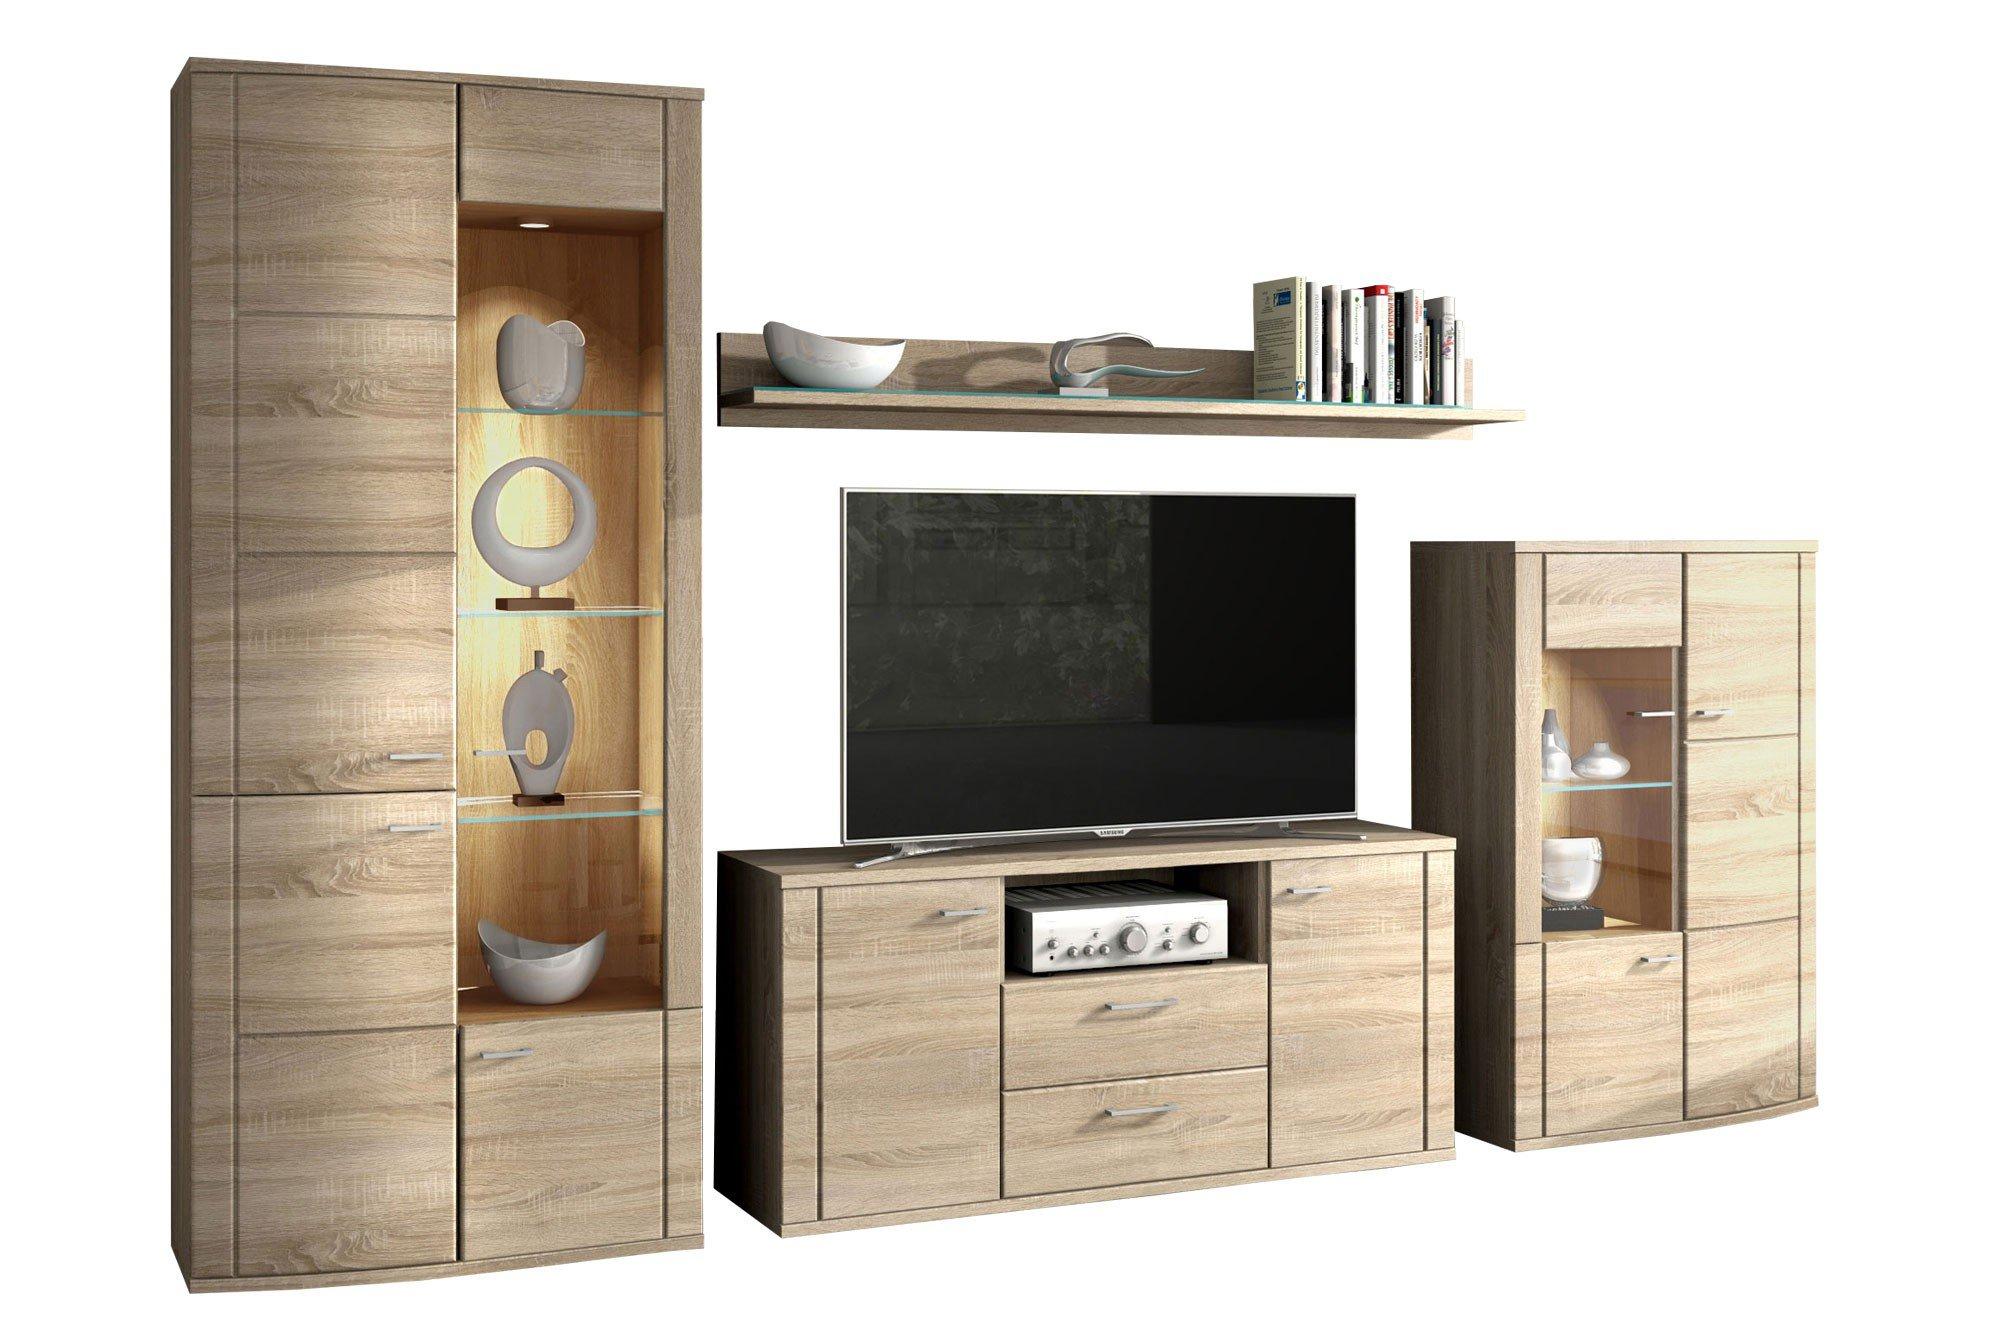 wohnwand siena 1830 sonoma eiche von rmi m bel m bel. Black Bedroom Furniture Sets. Home Design Ideas